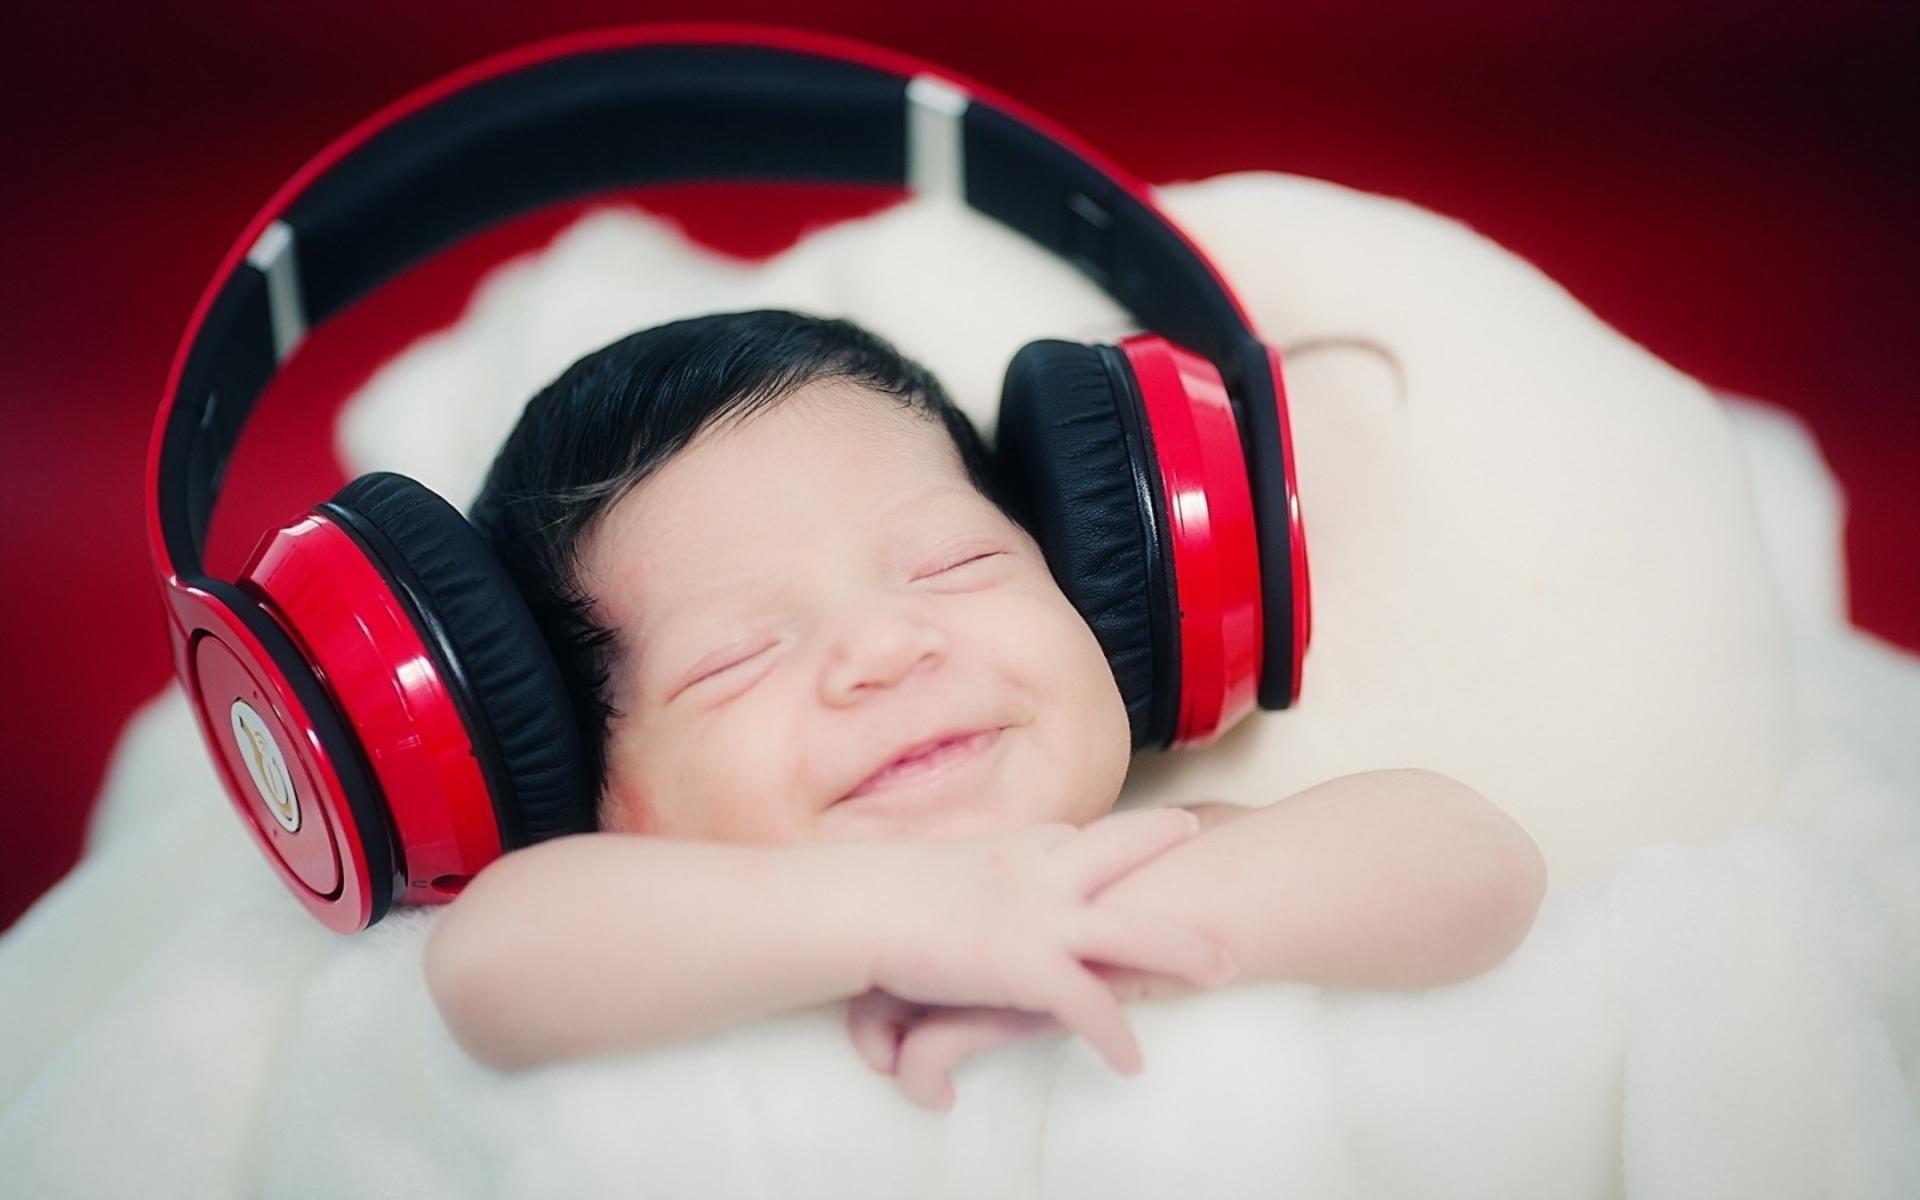 موسیقی به تکامل مغز کودکان کمک میکند؟